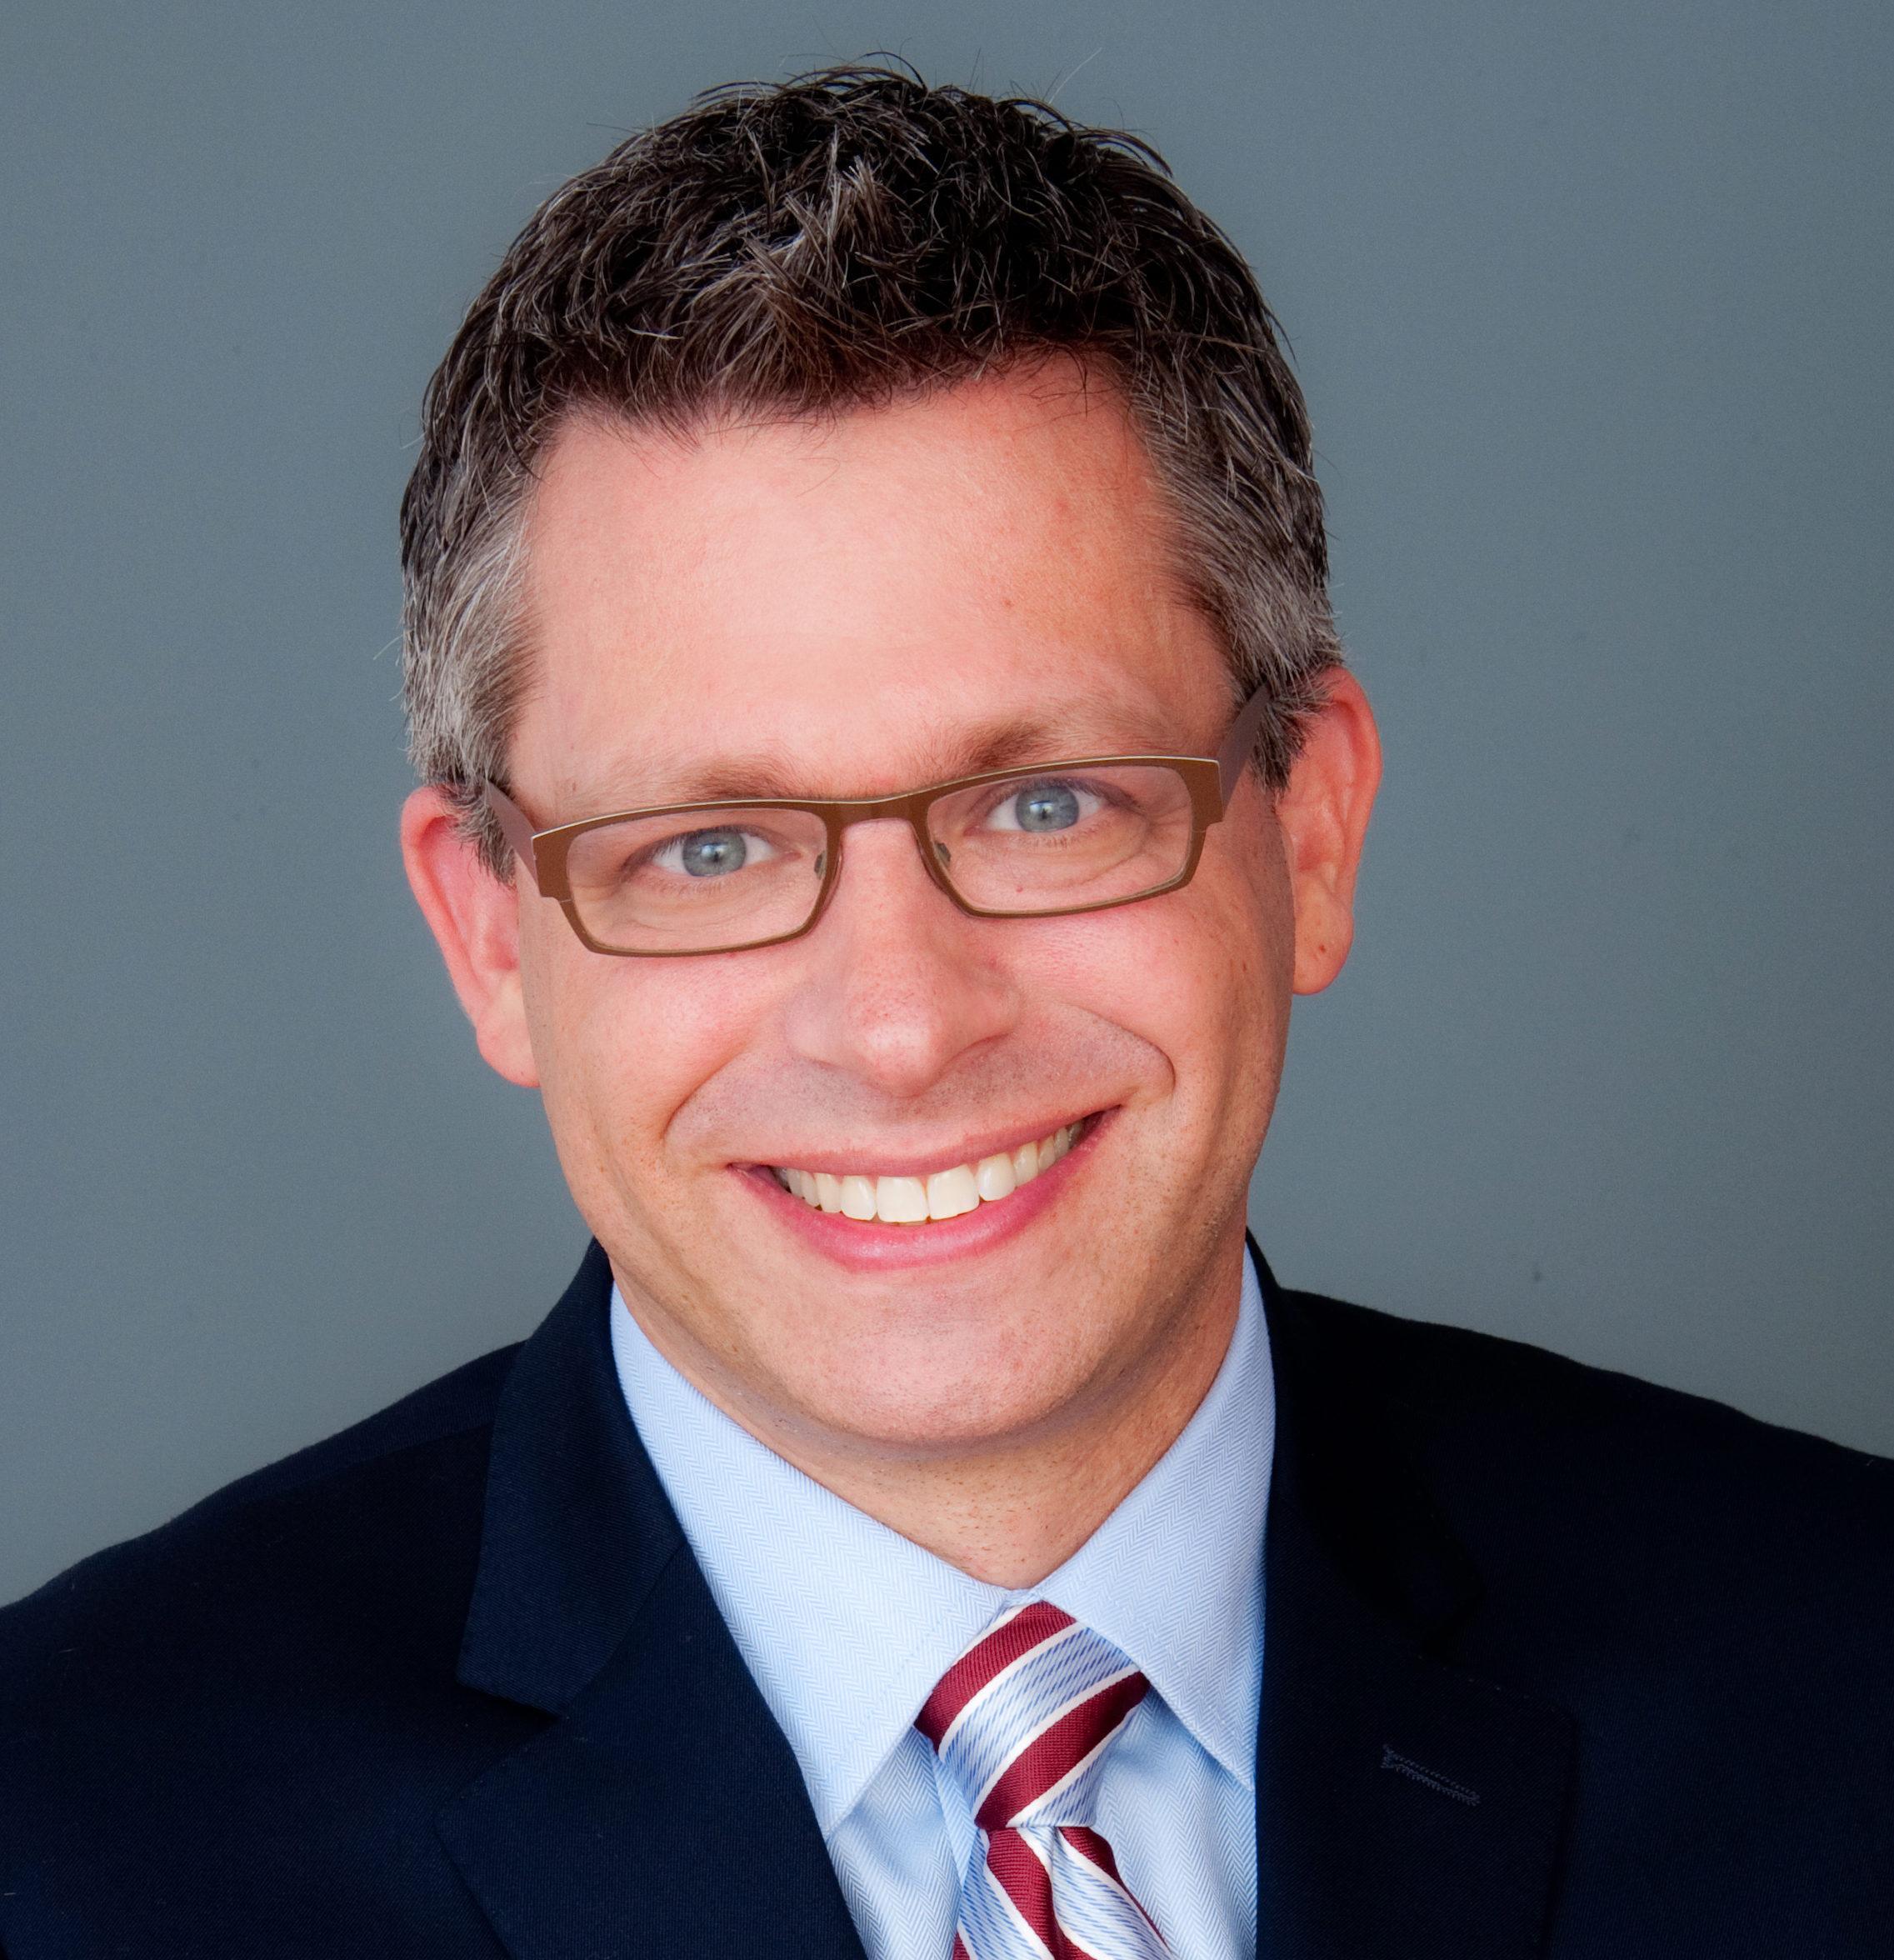 Dr Todd Weil a denturist in Salem Oregon